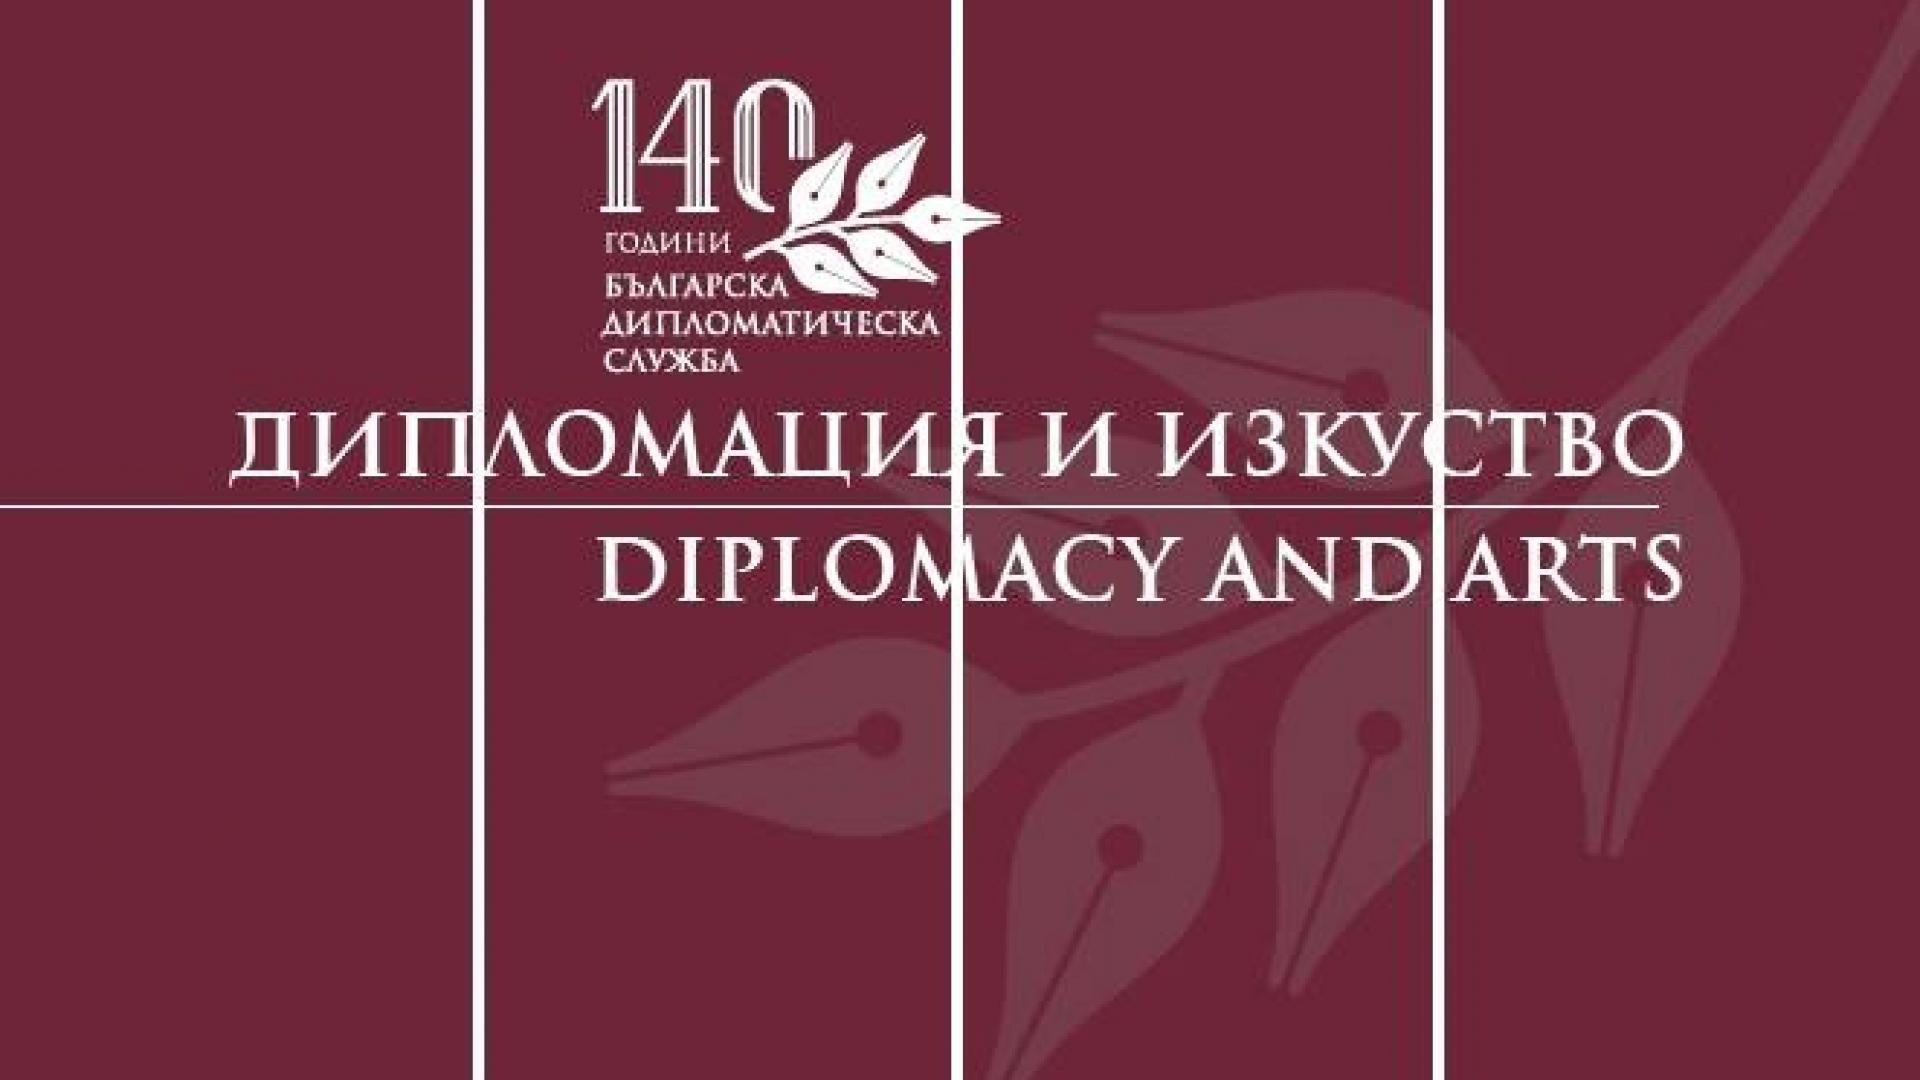 """Представят изложба """"Дипломация и изкуство"""" в музея"""